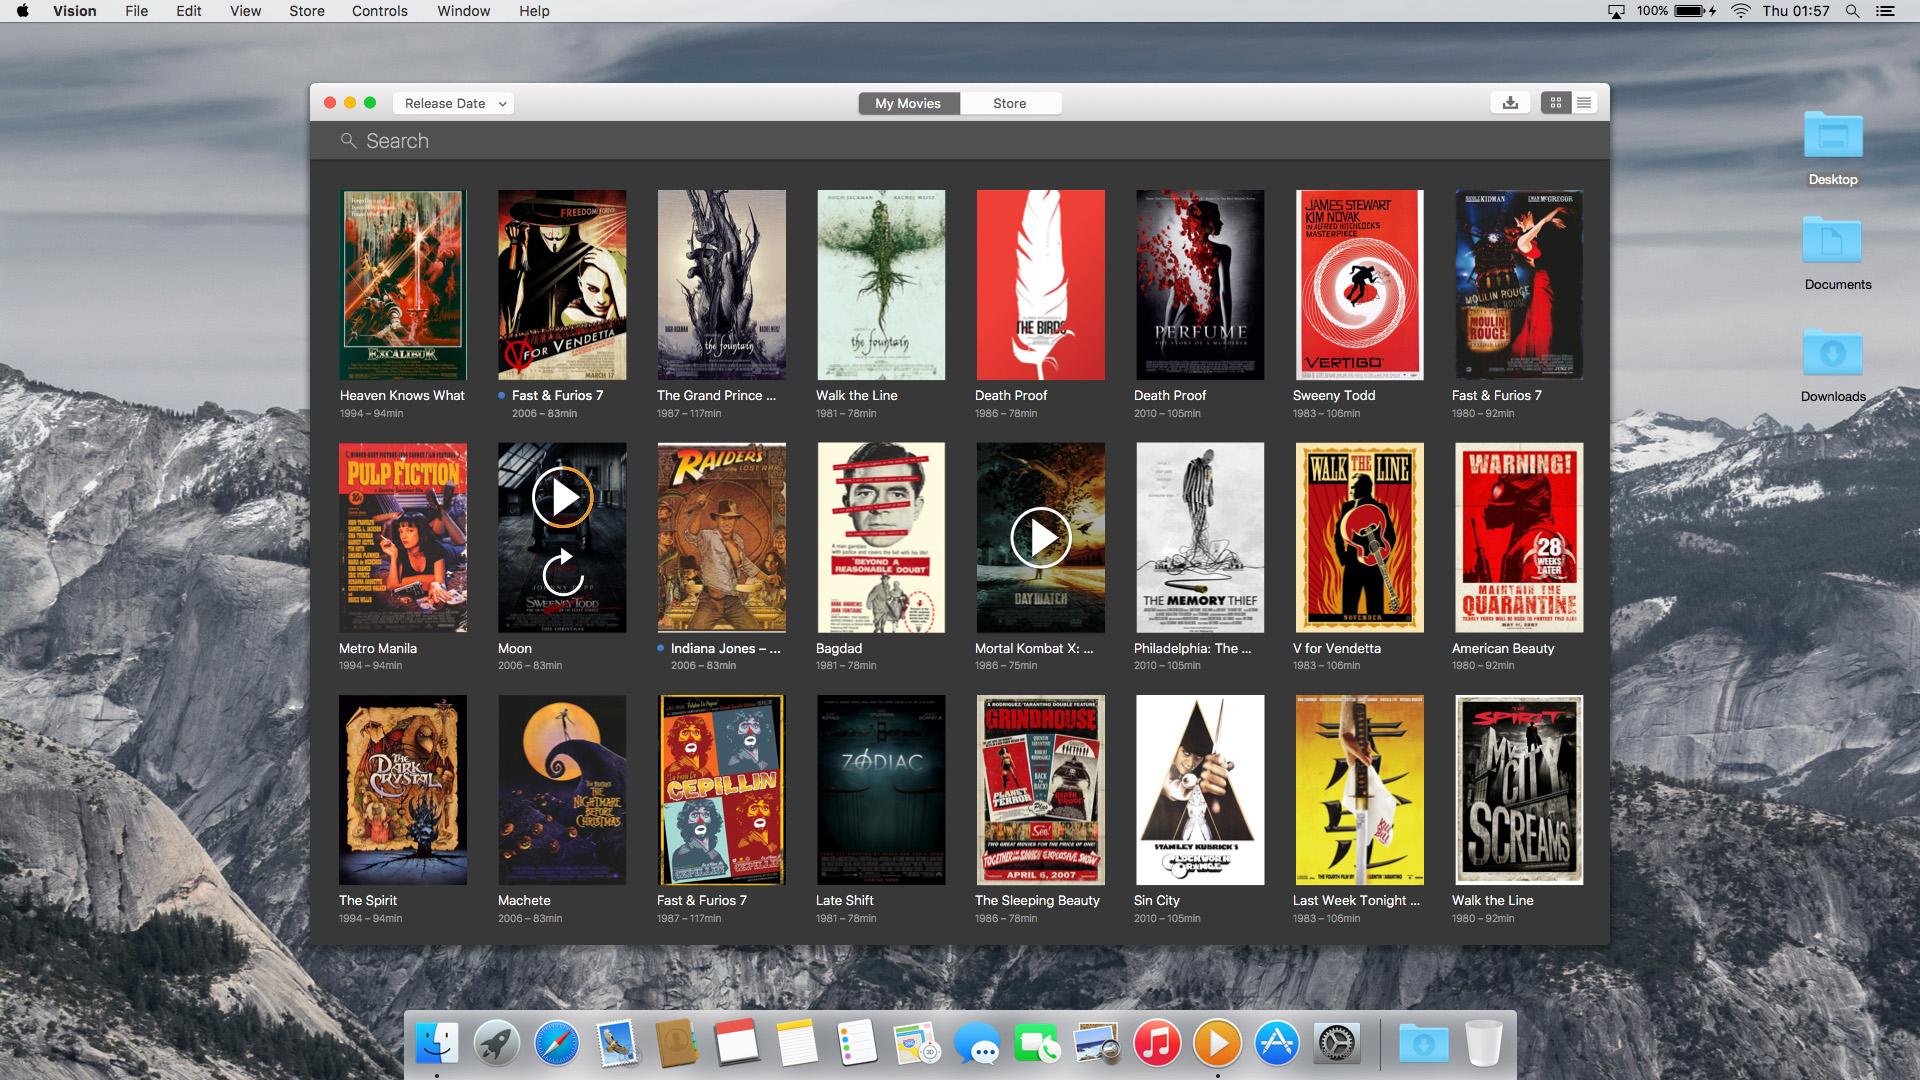 iTunes - Vision